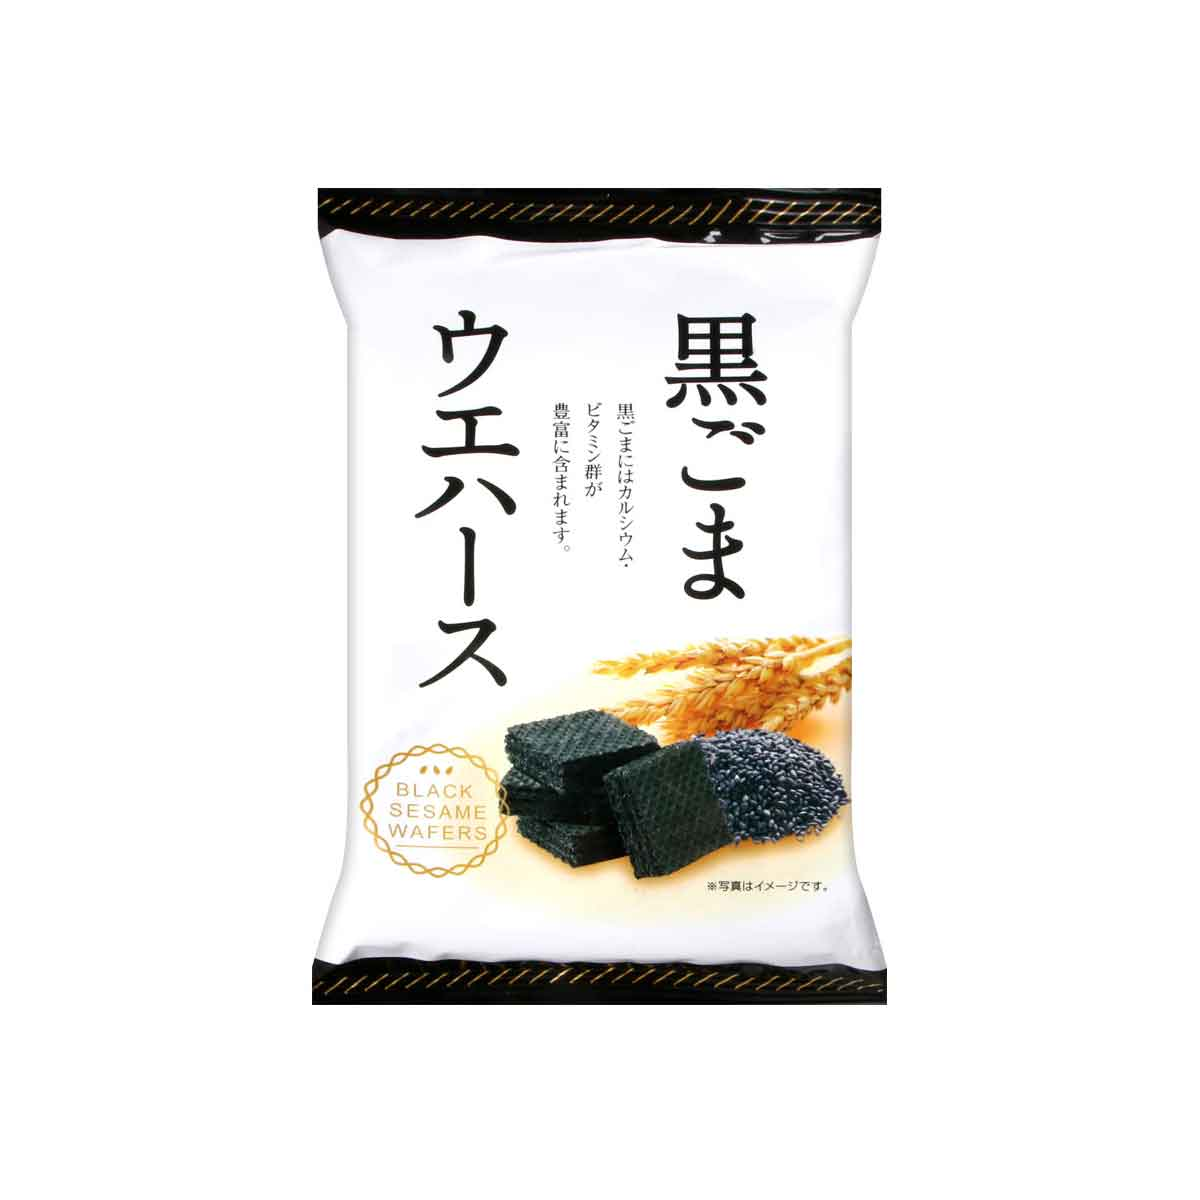 黑芝麻威化餅 餅乾 甜點 日本進口製造